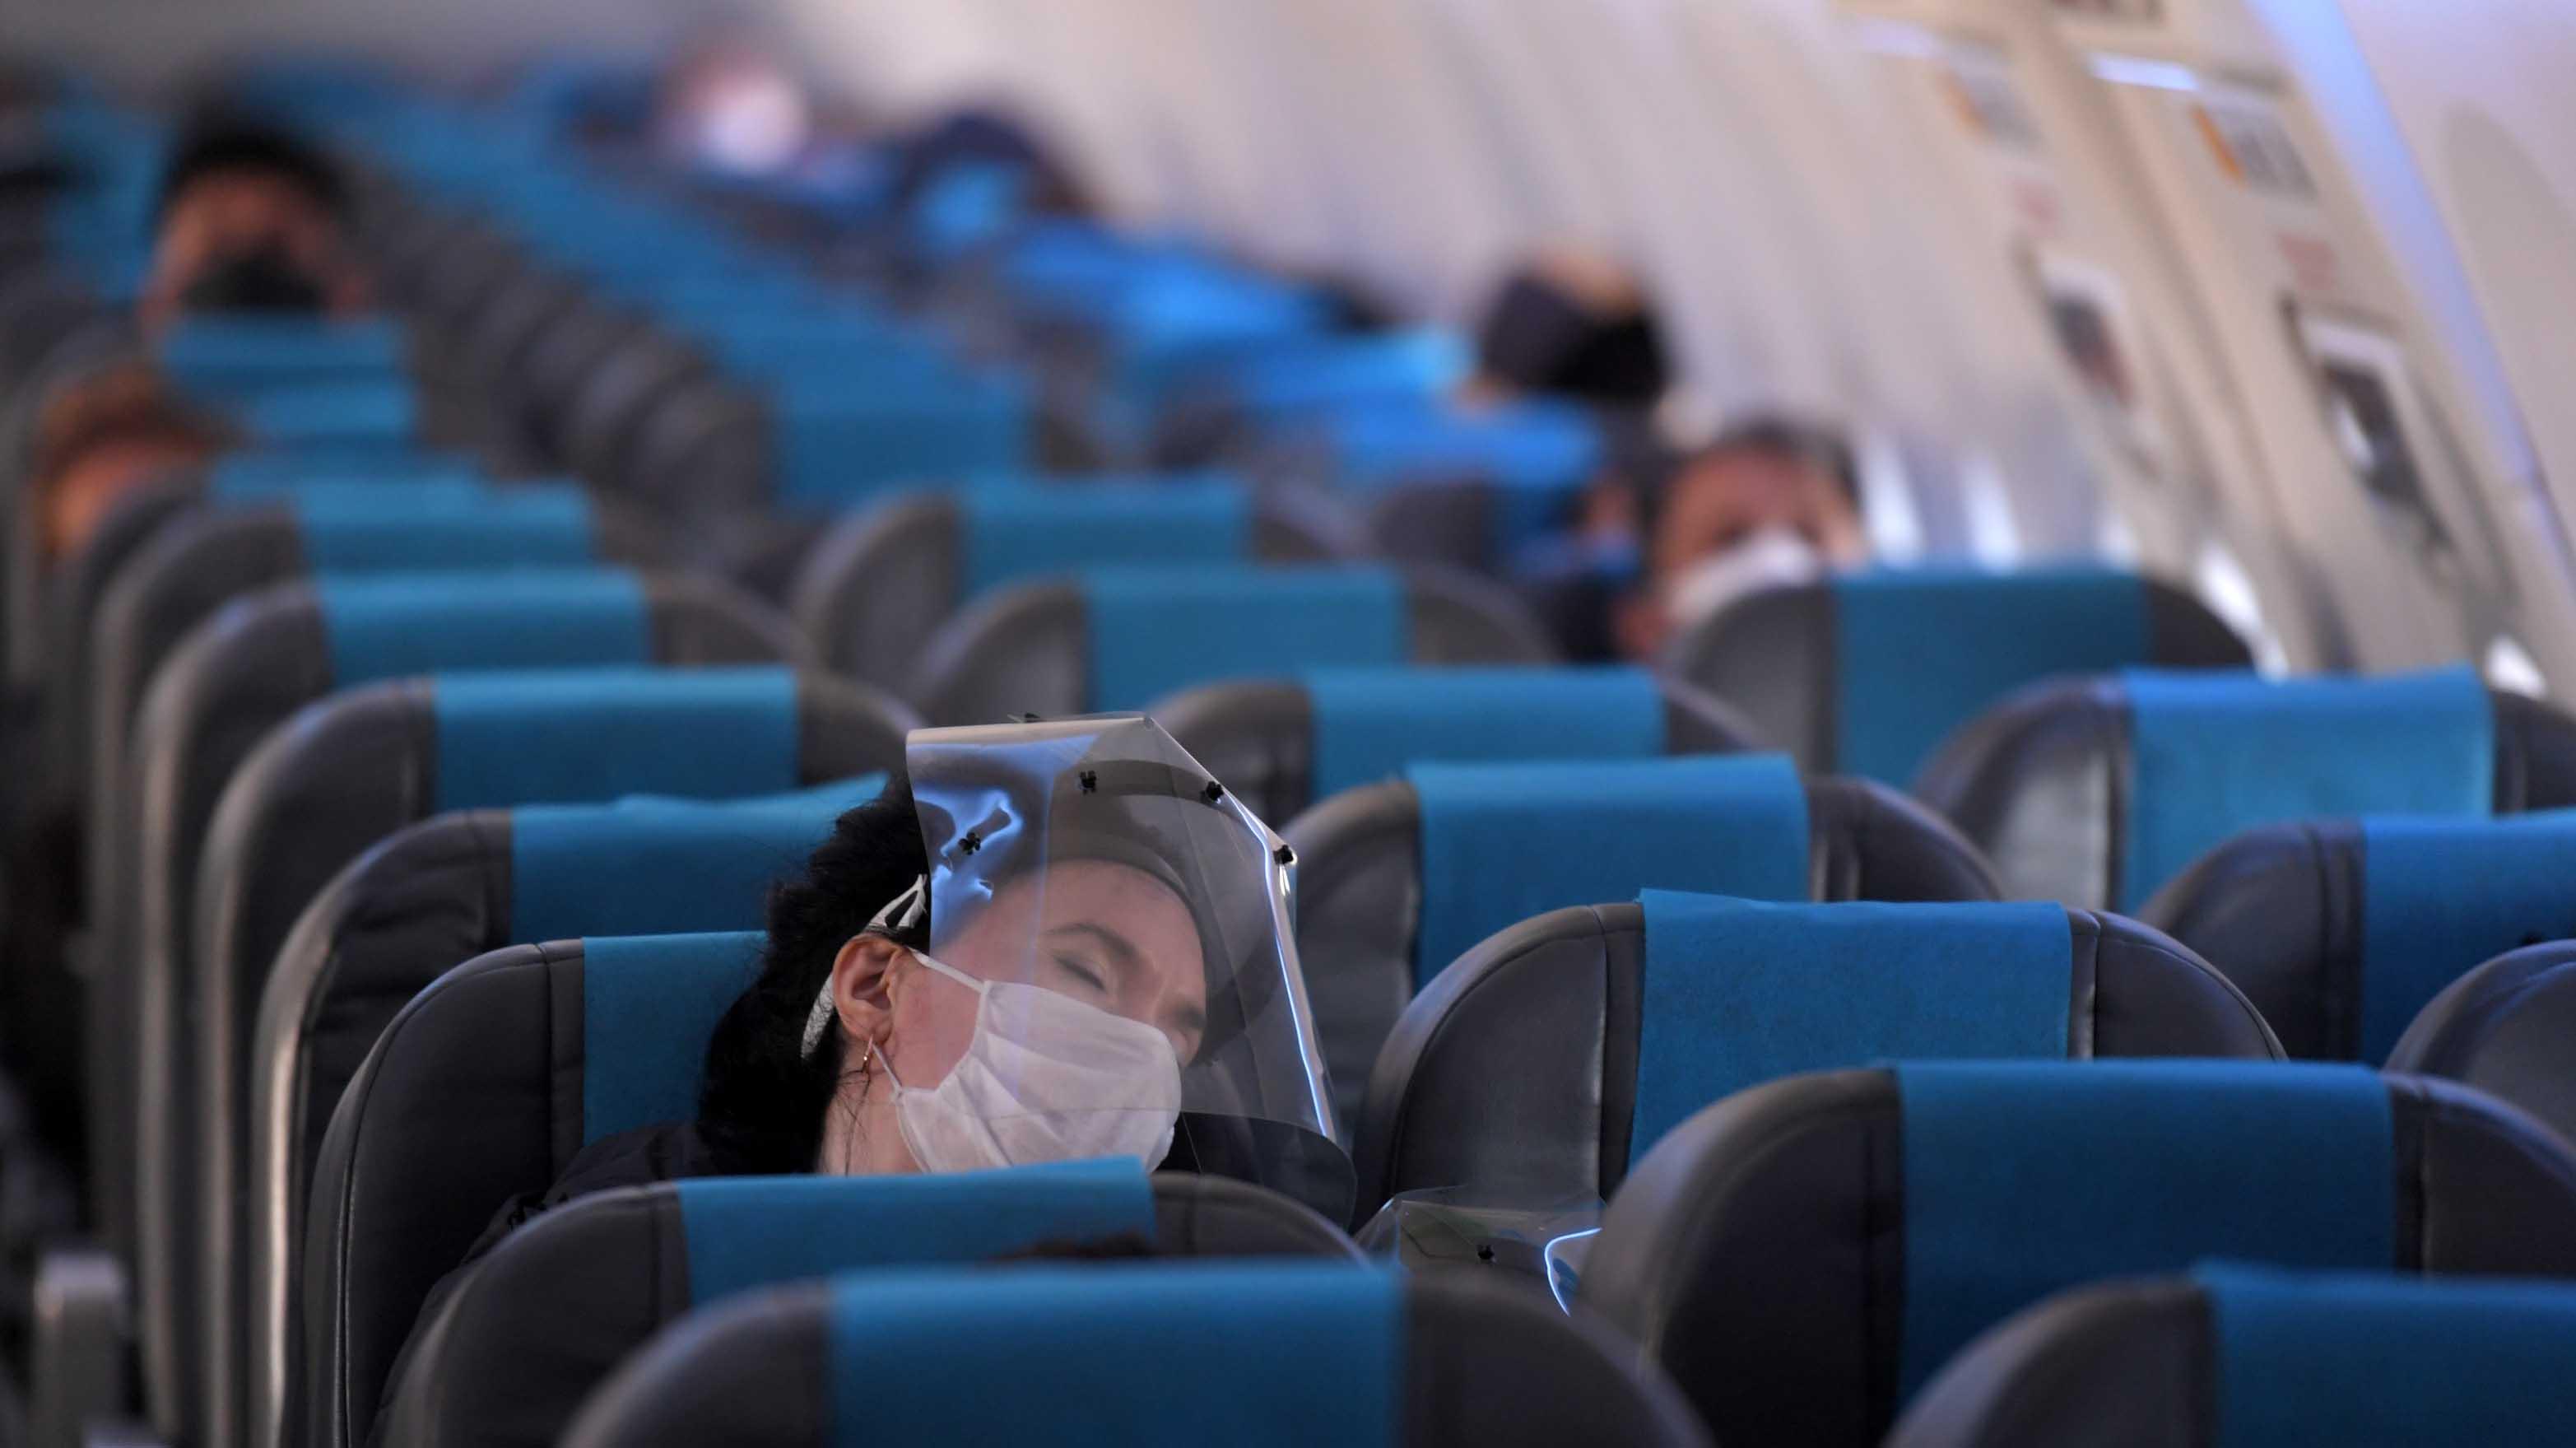 Tucumán y Tierra del Fuego dispusieron que los pasajeros deben presentar un test negativo para ingresar a sus territorios. Para evitar la cancelación de los vuelos previstos para hoy, se le otorgó a los pasajeros la posibilidad de realizarse el test una vez que arriben a destino.